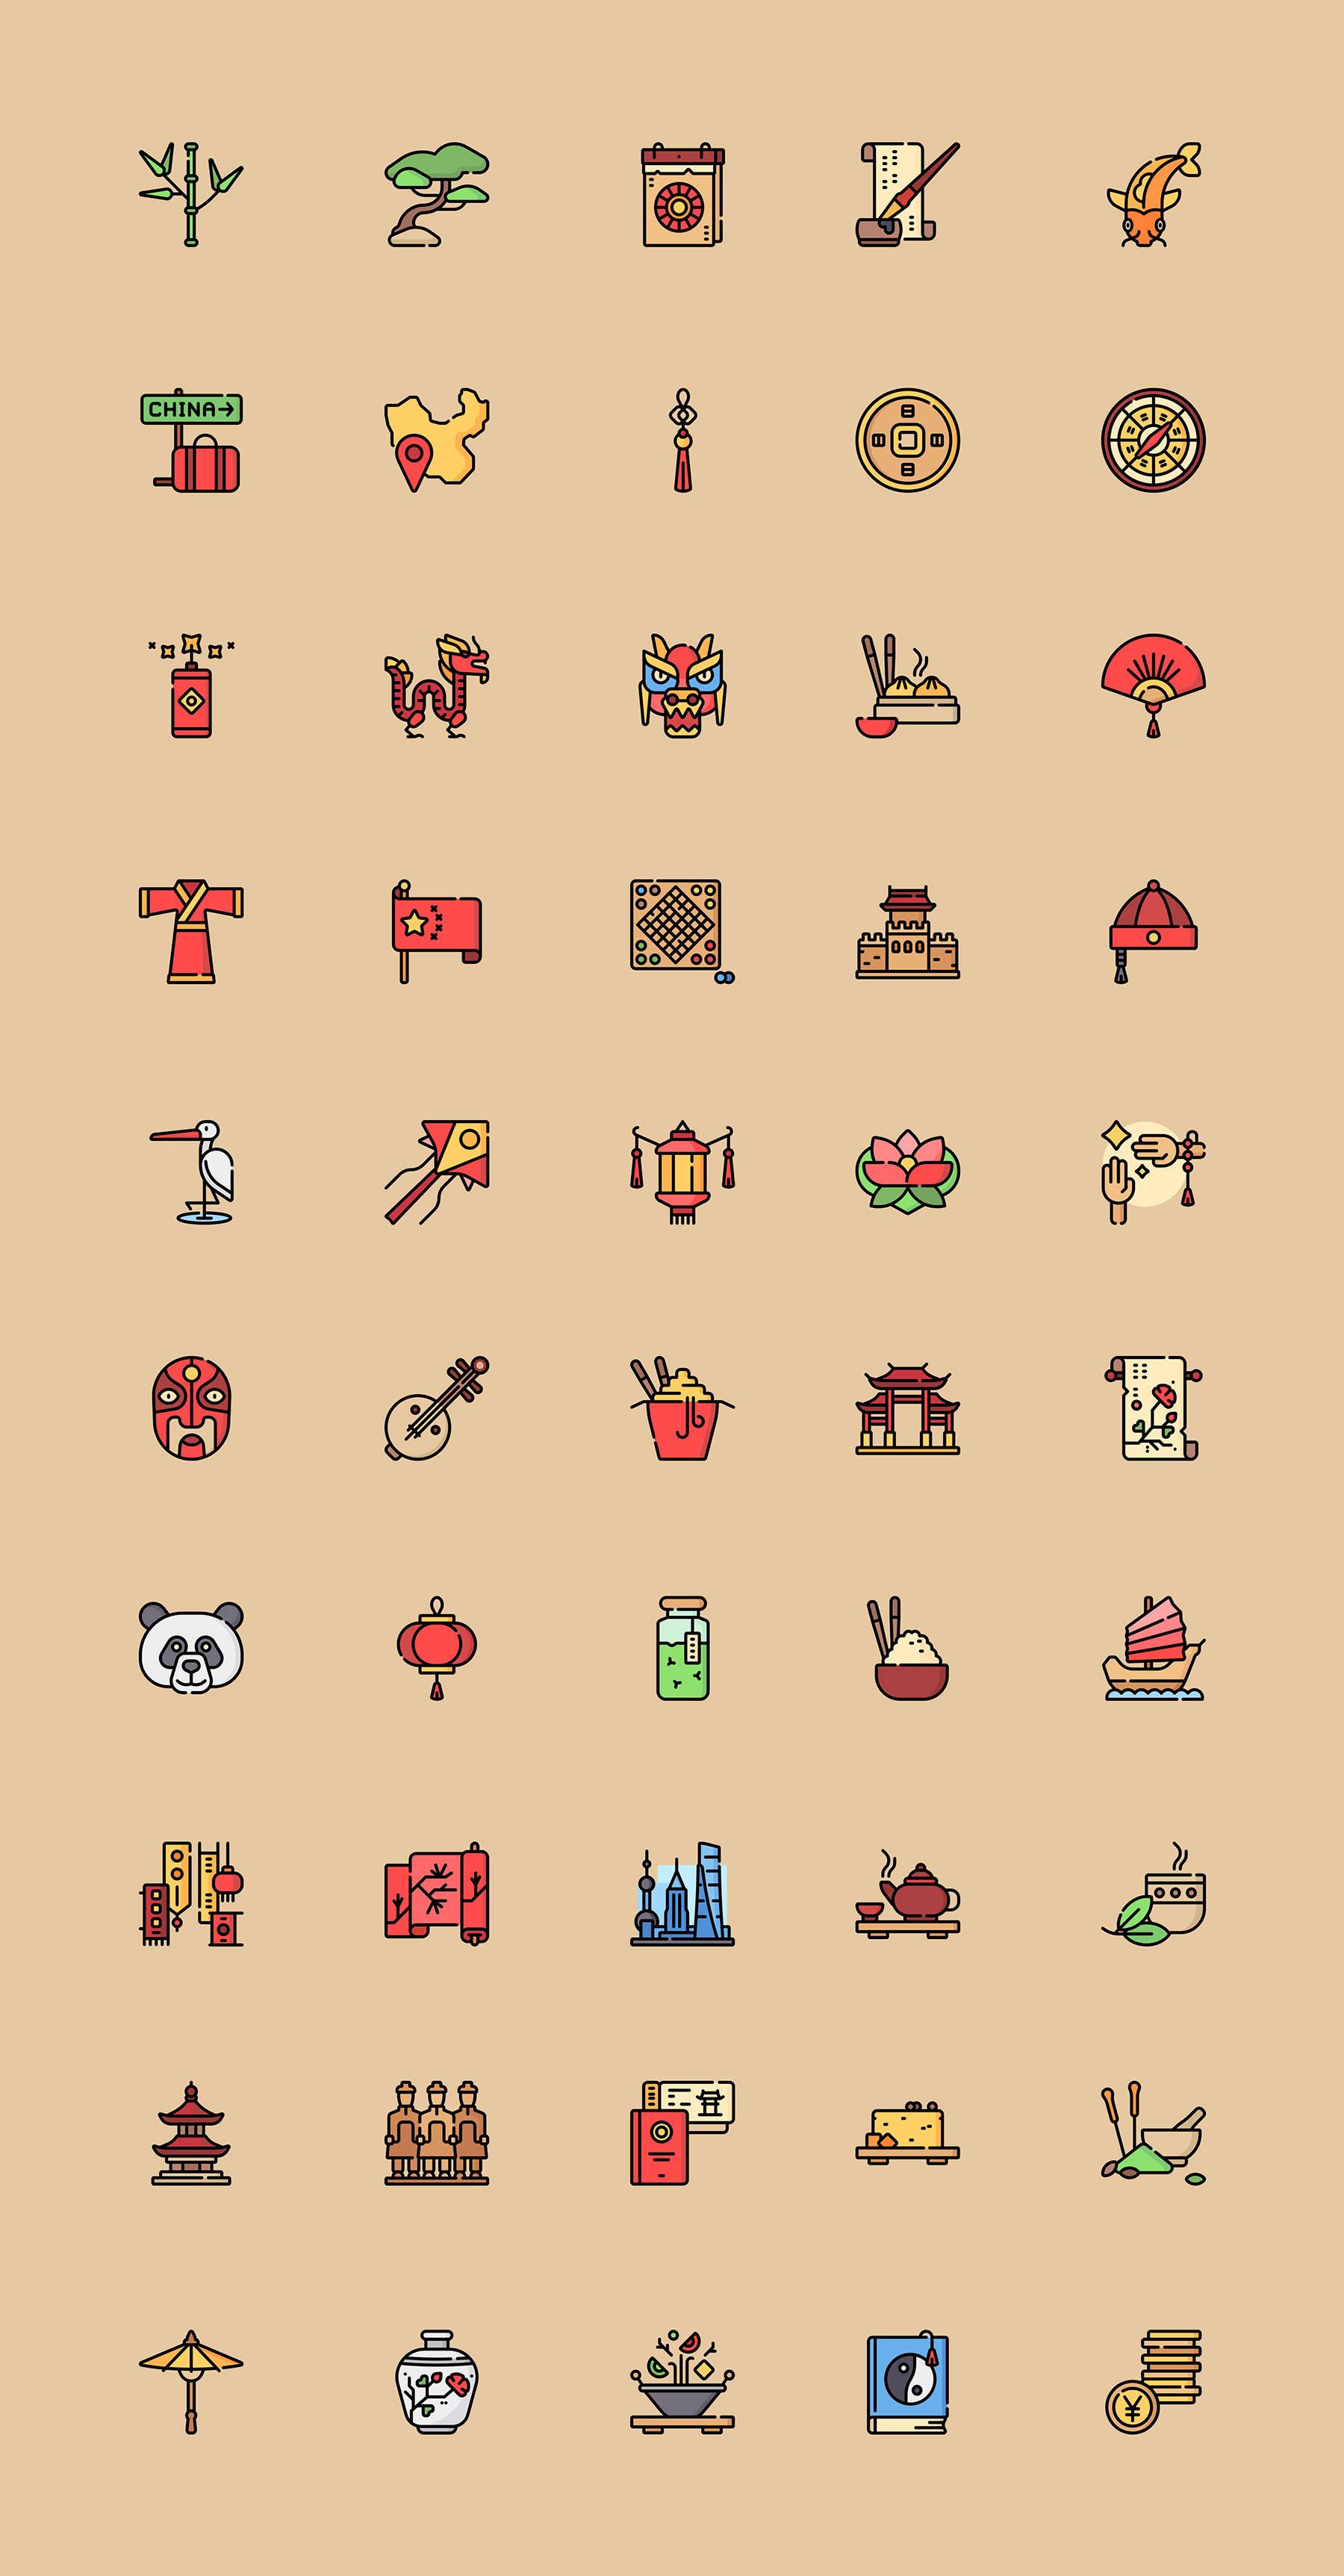 50 枚多彩中国元素图标ICON sketch素材下载 图标-第1张